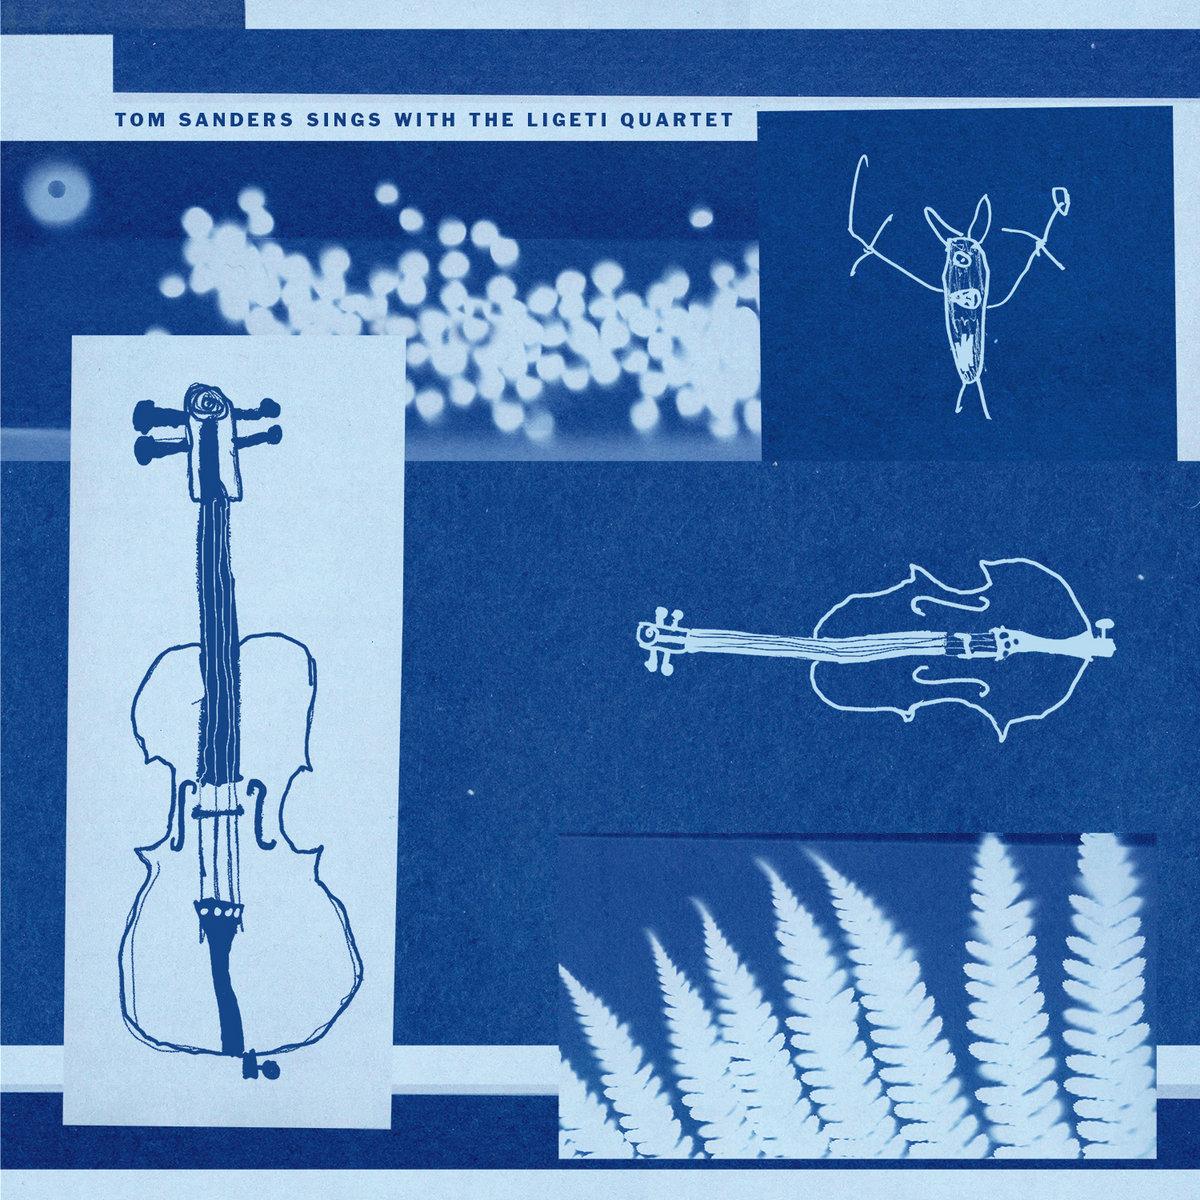 Tom Sanders - Tom Sanders Sings With The Ligeti Quartet EP